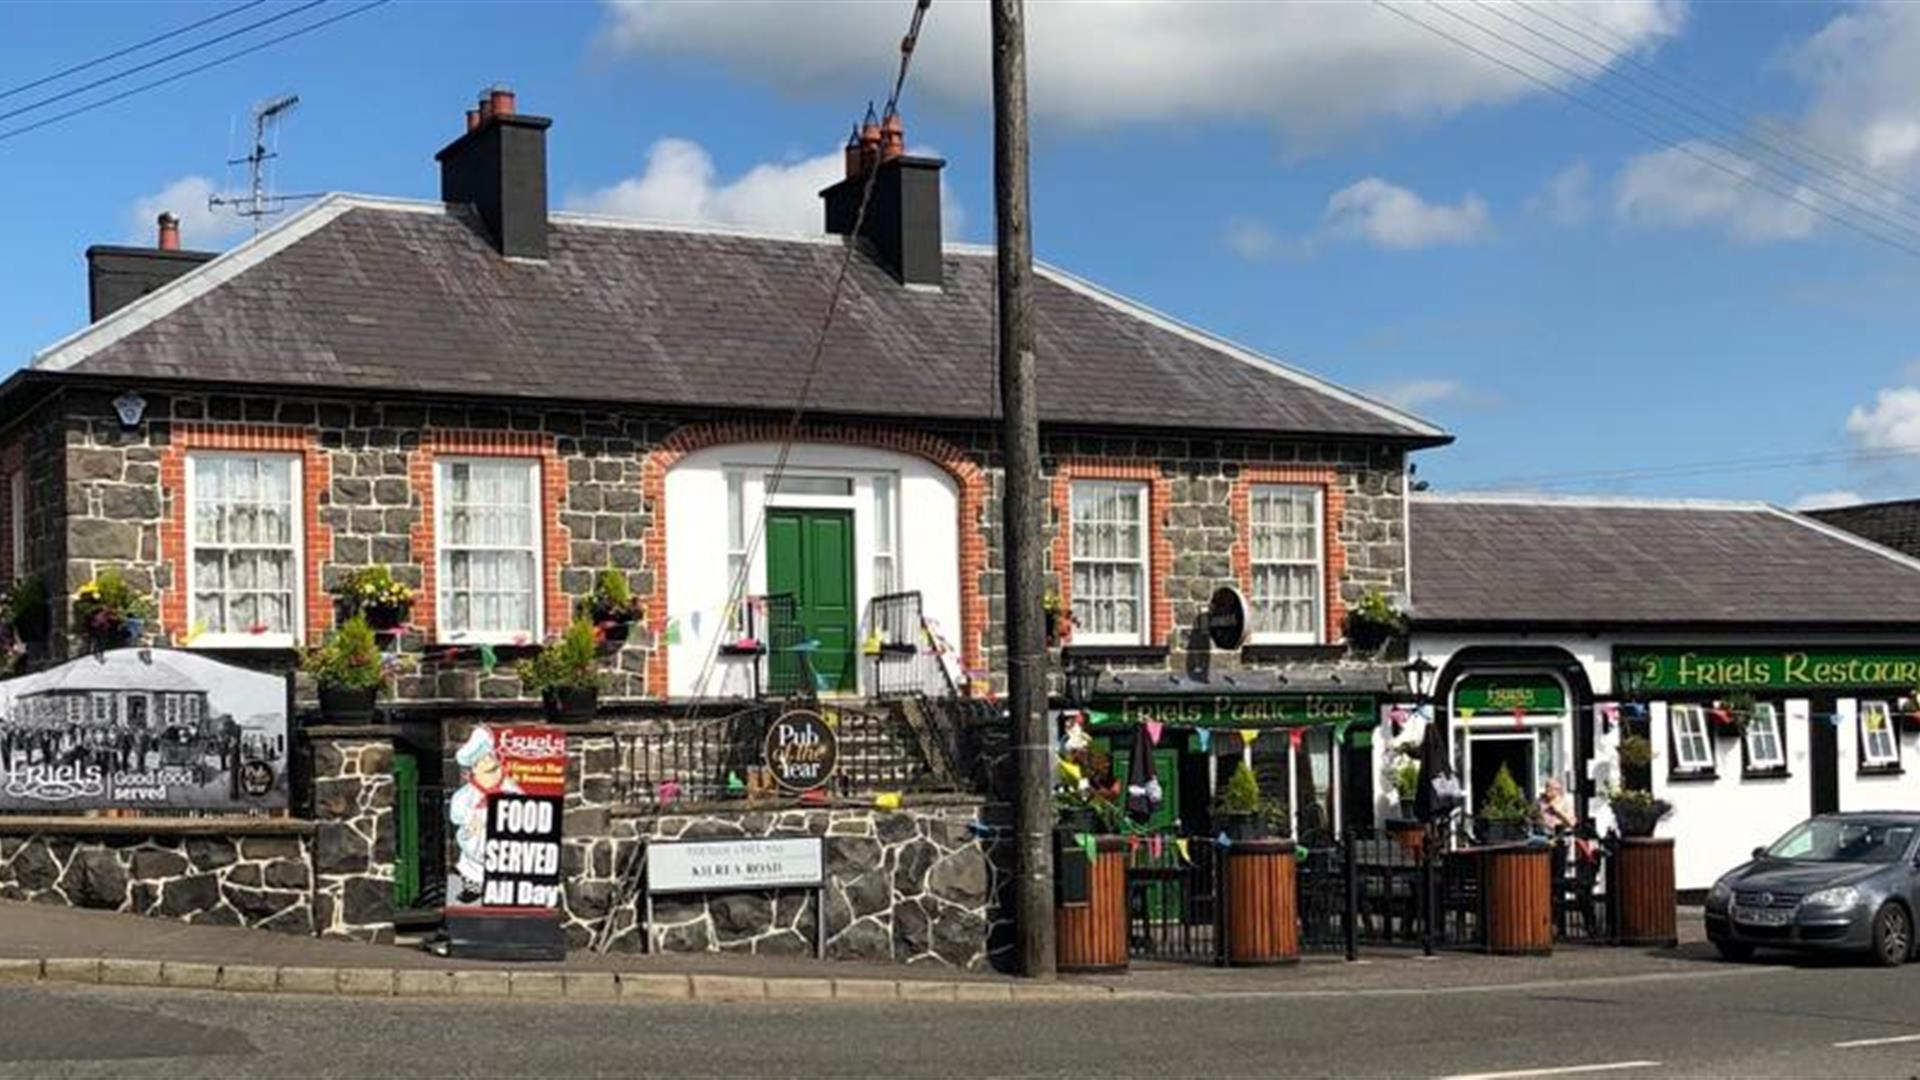 Friels Bar & Restaurant